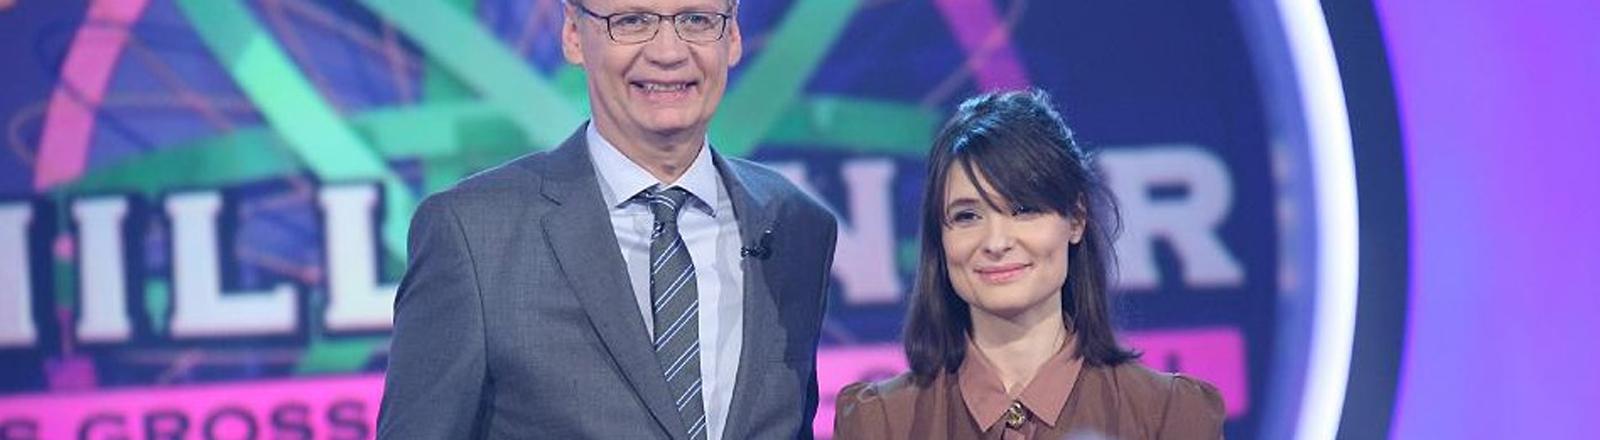 """Günther Jauch und Rebekka Endler bei """"Wer wird Millionär"""""""